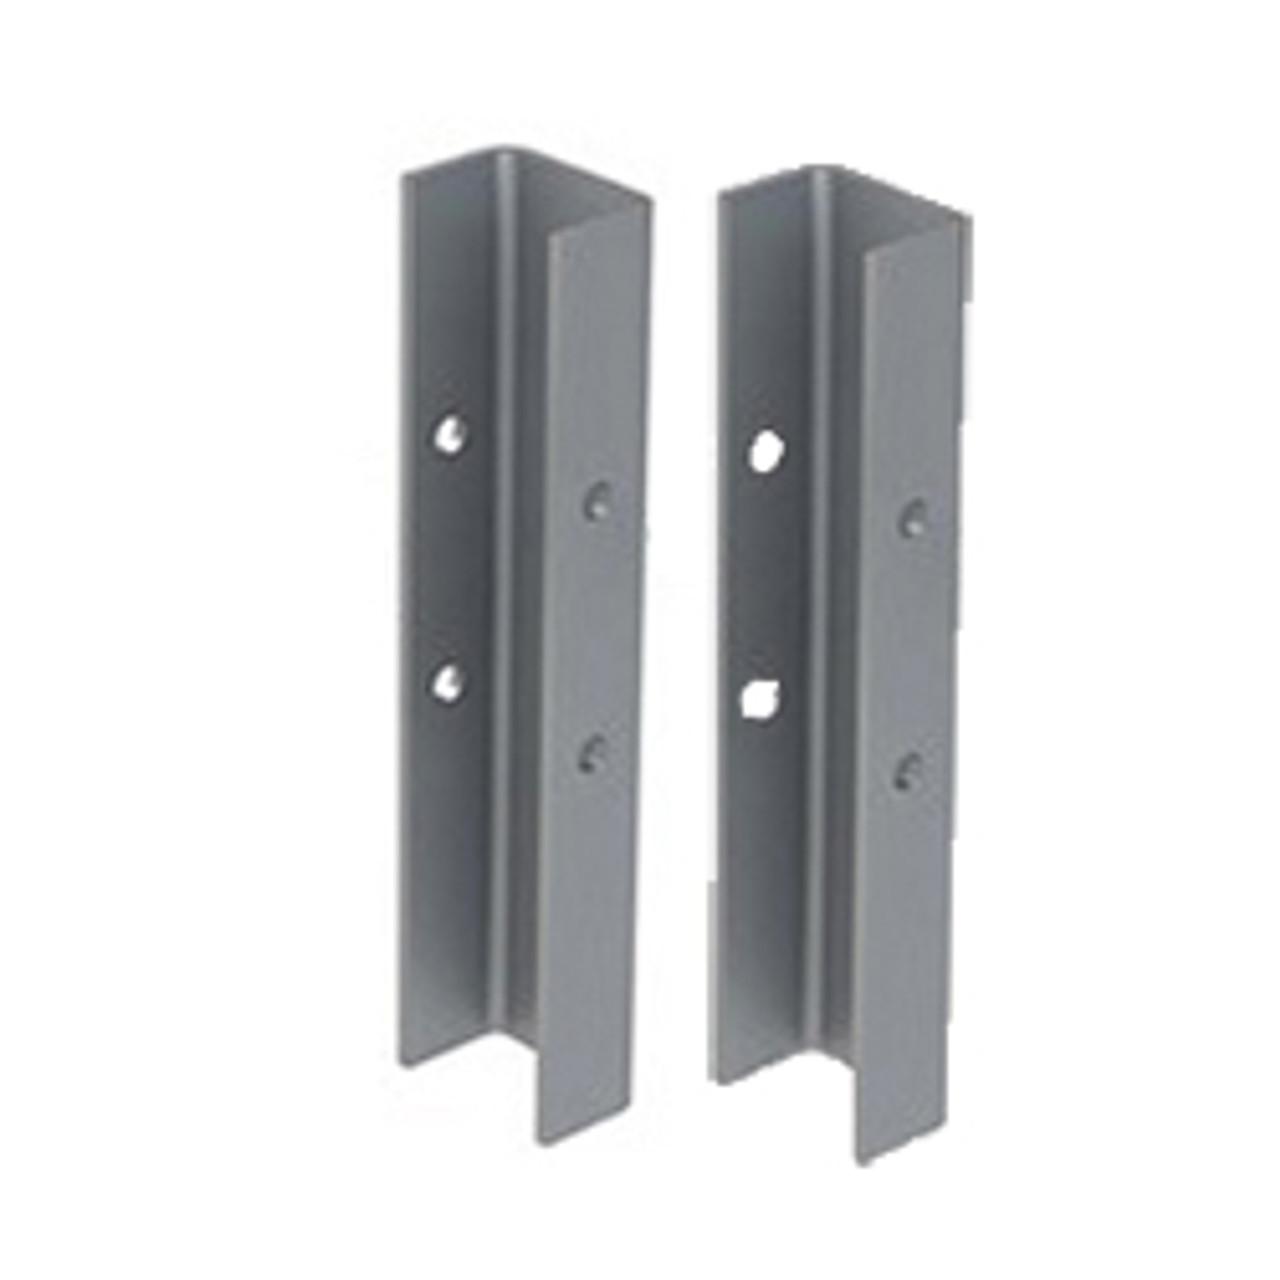 STAKKAbox Quad Wall Bracket Bearer (Pair)